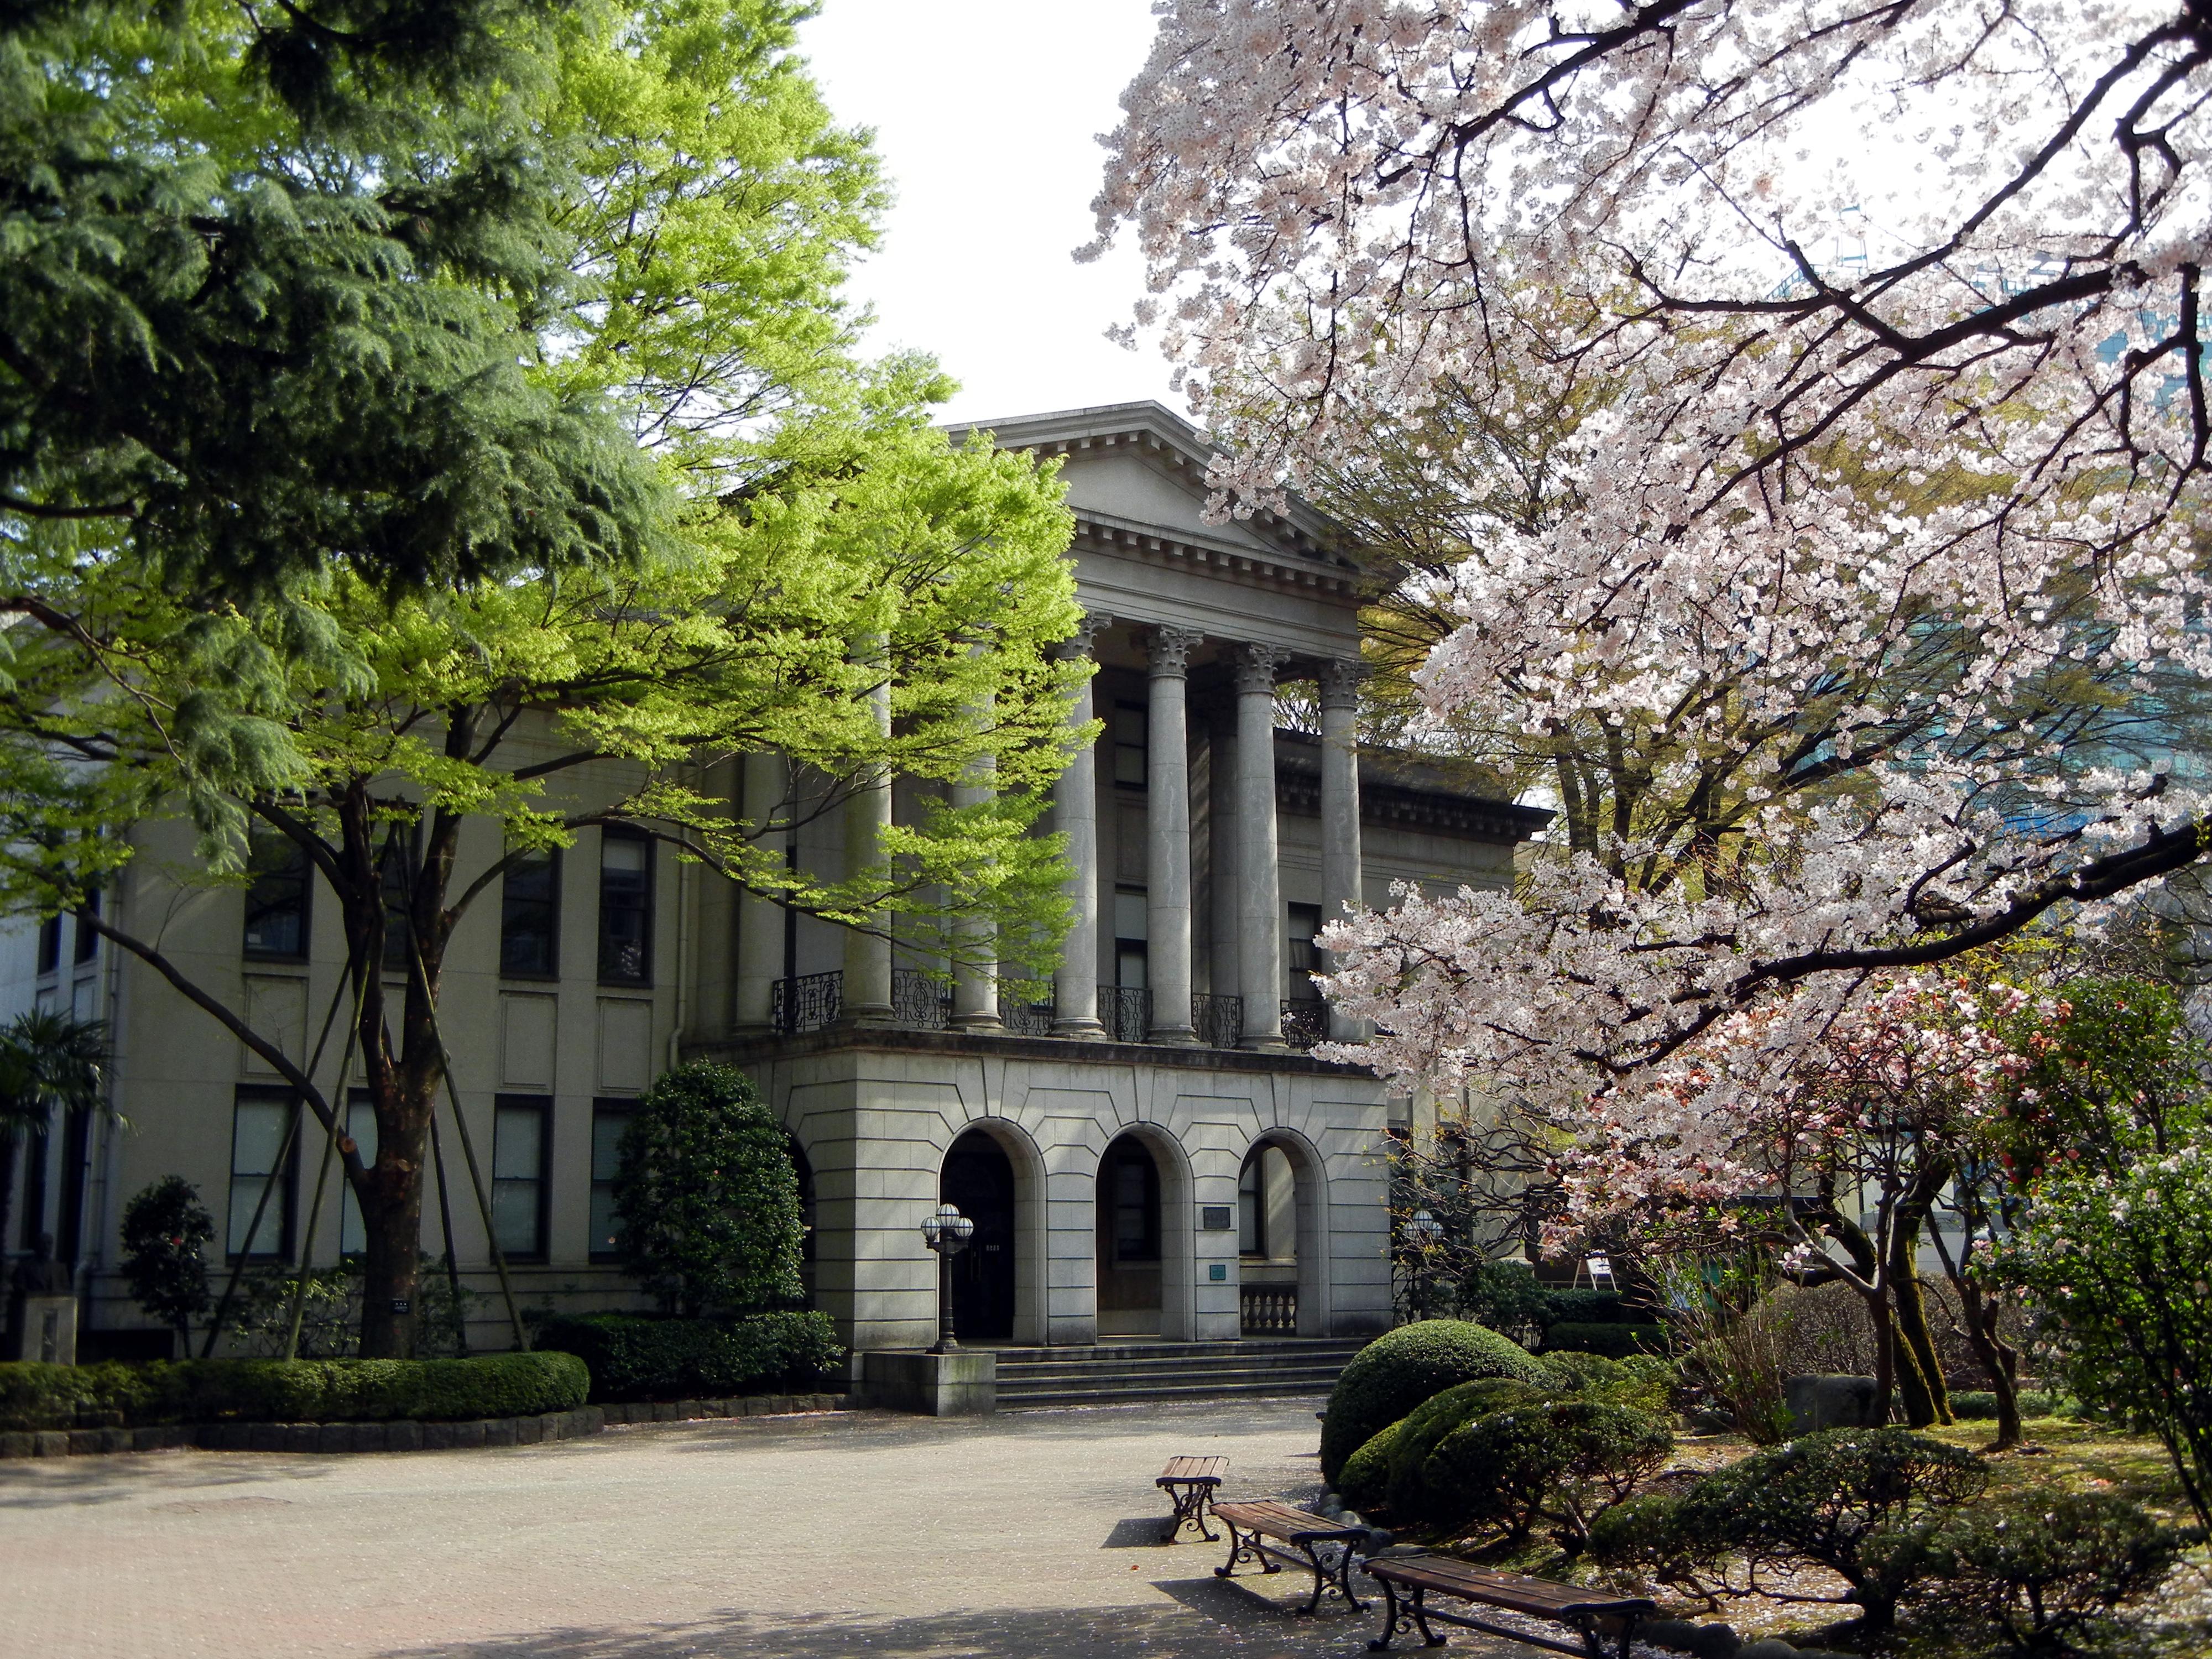 大学 m ポート 桃山 学院